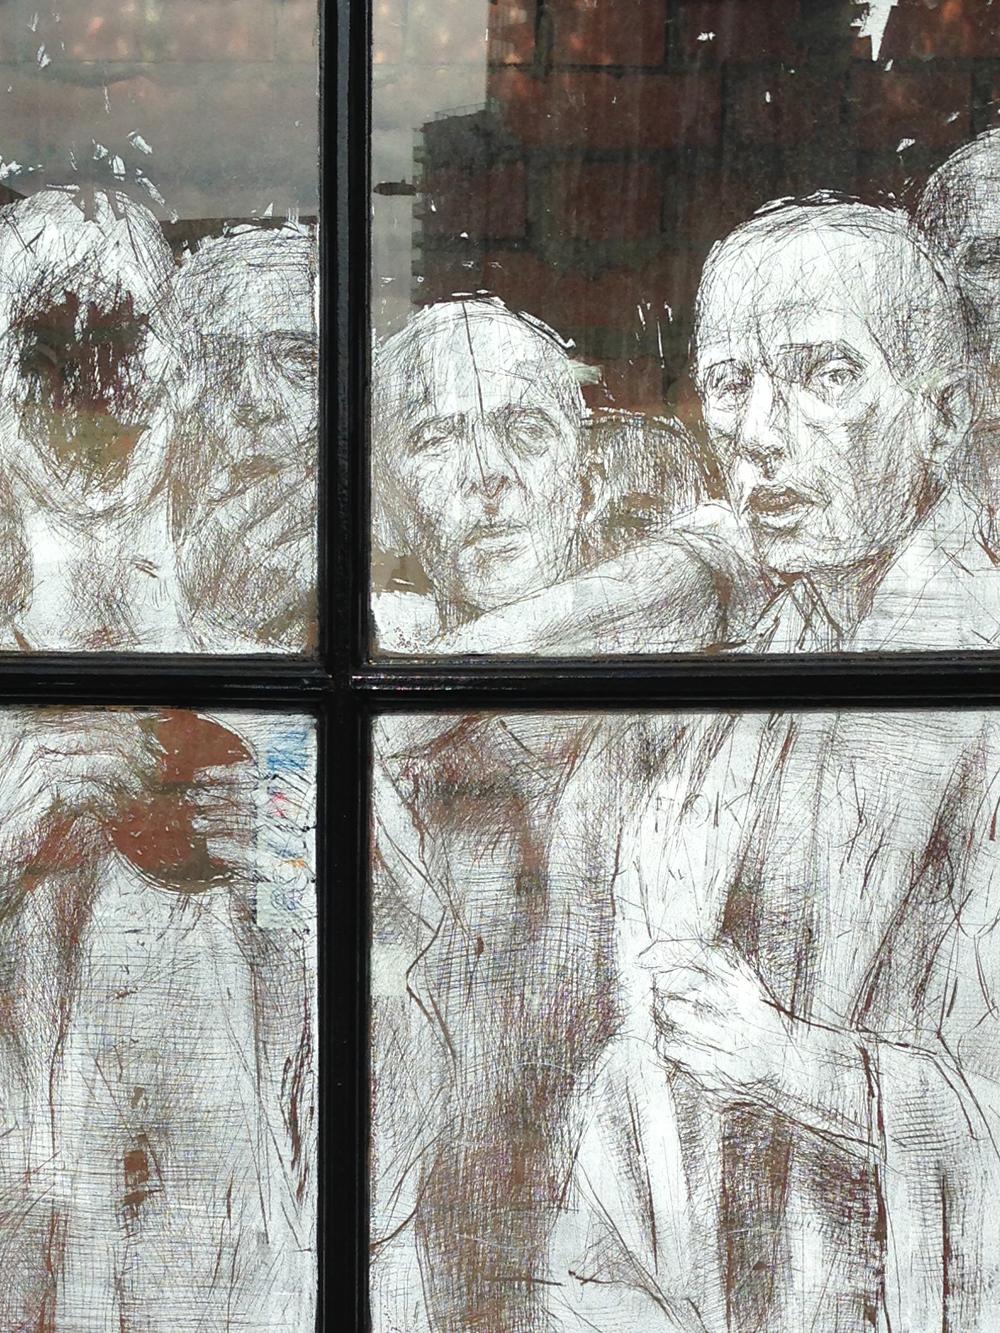 Shoreditch window scratchings